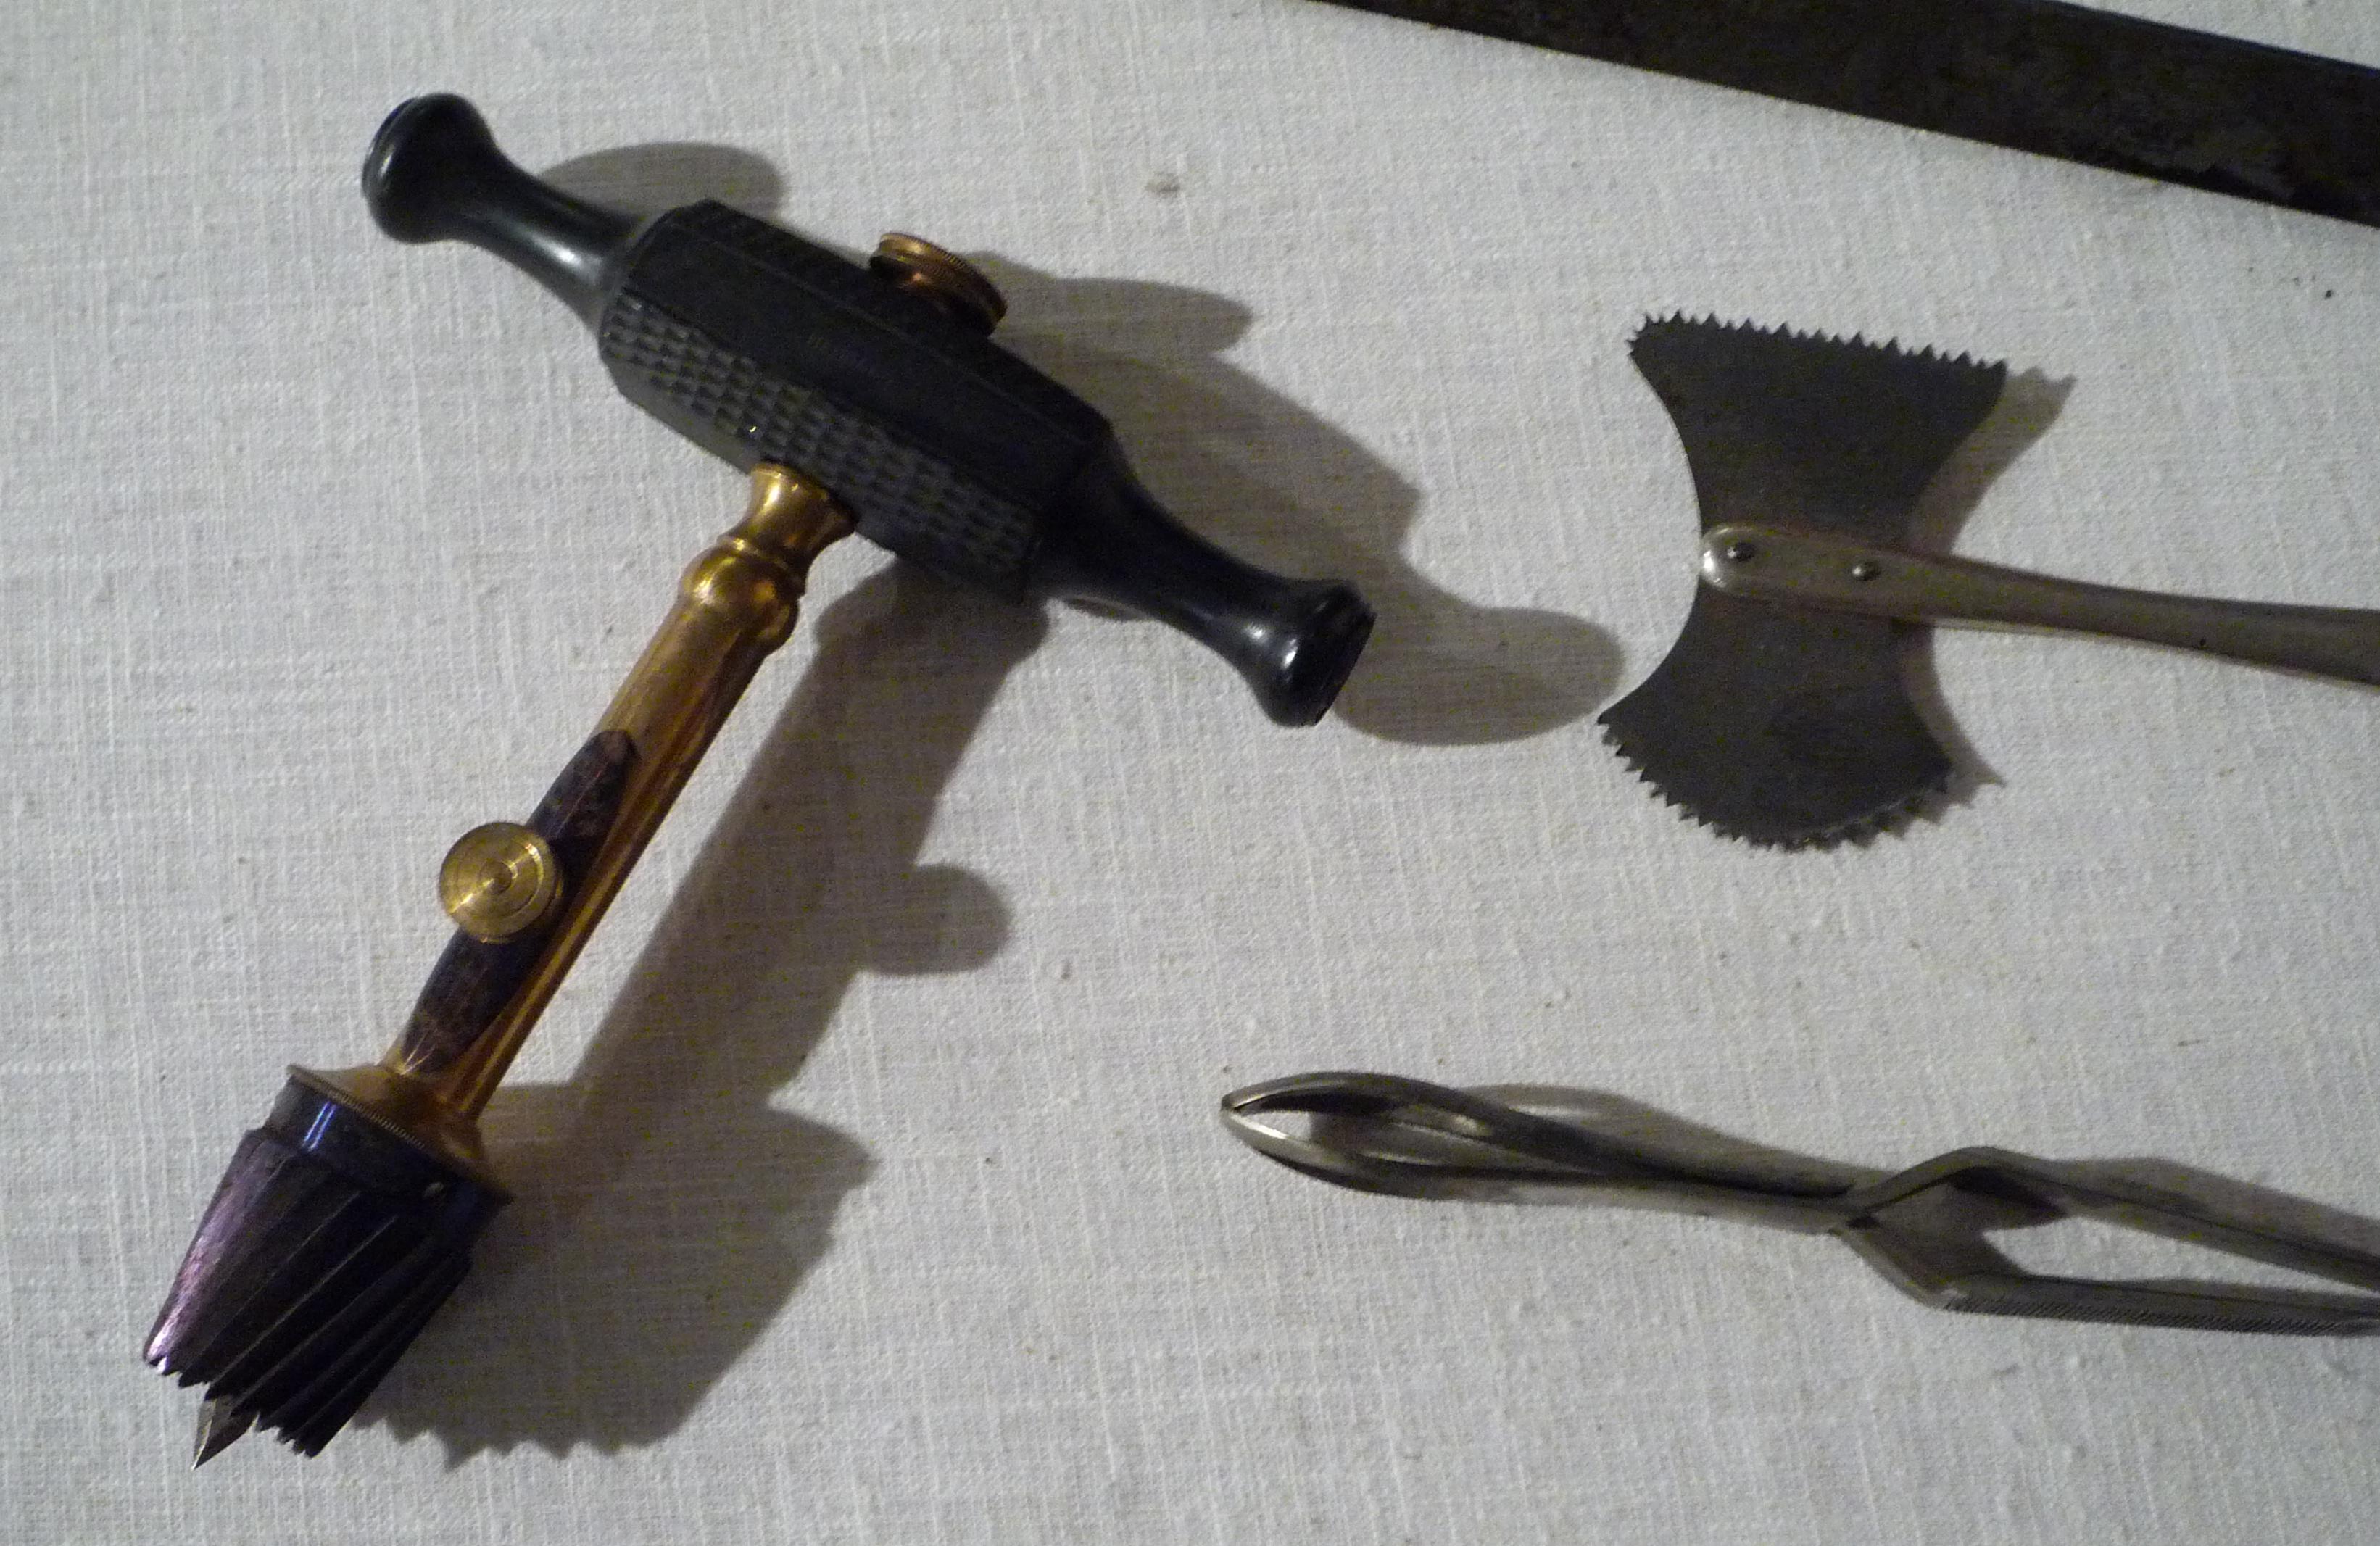 trephining tools (E.M. Hessler, 1890-1893)